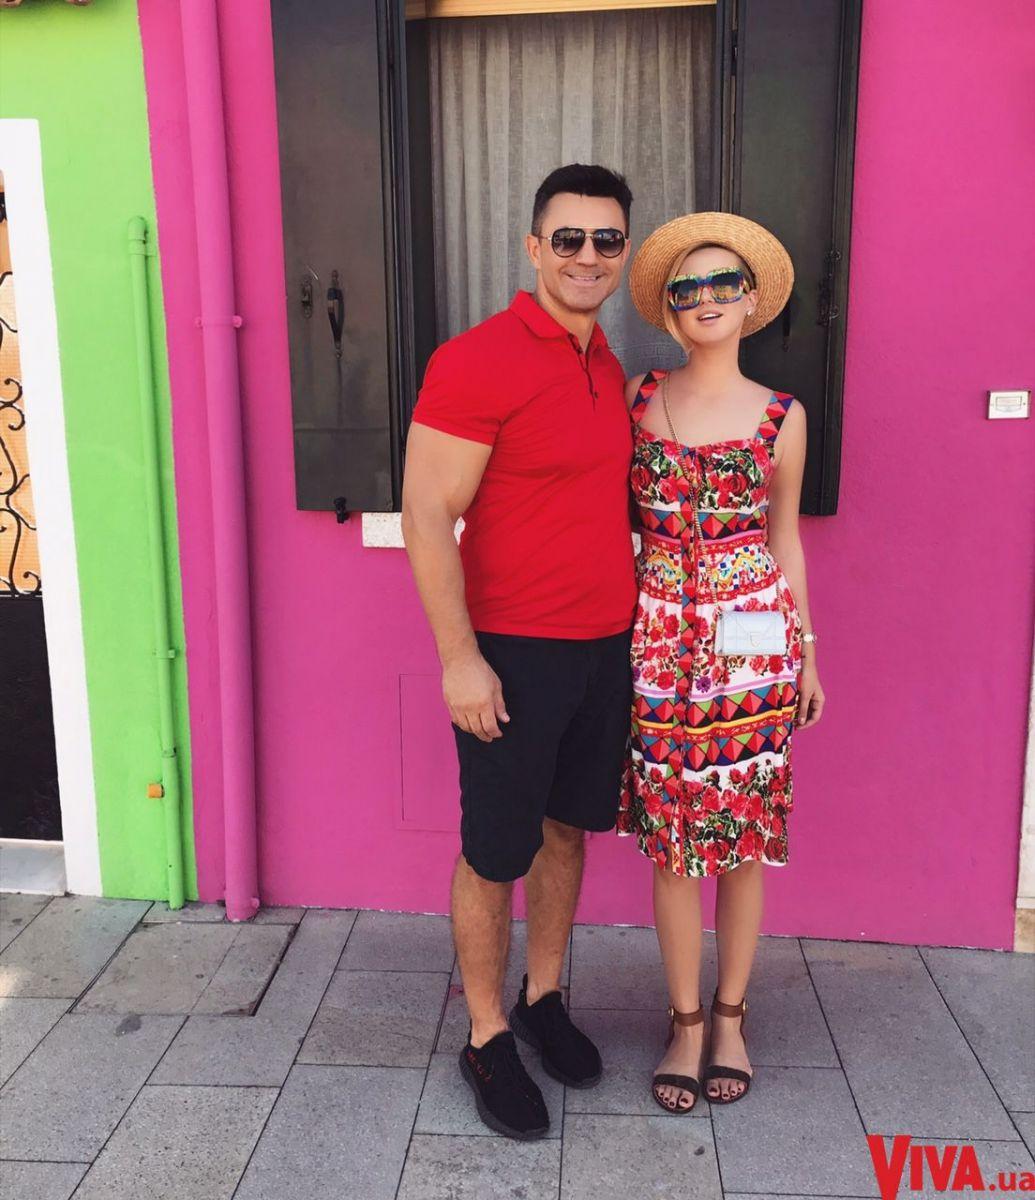 Николай Тищенко и его жена Алла Барановская на отдыхе